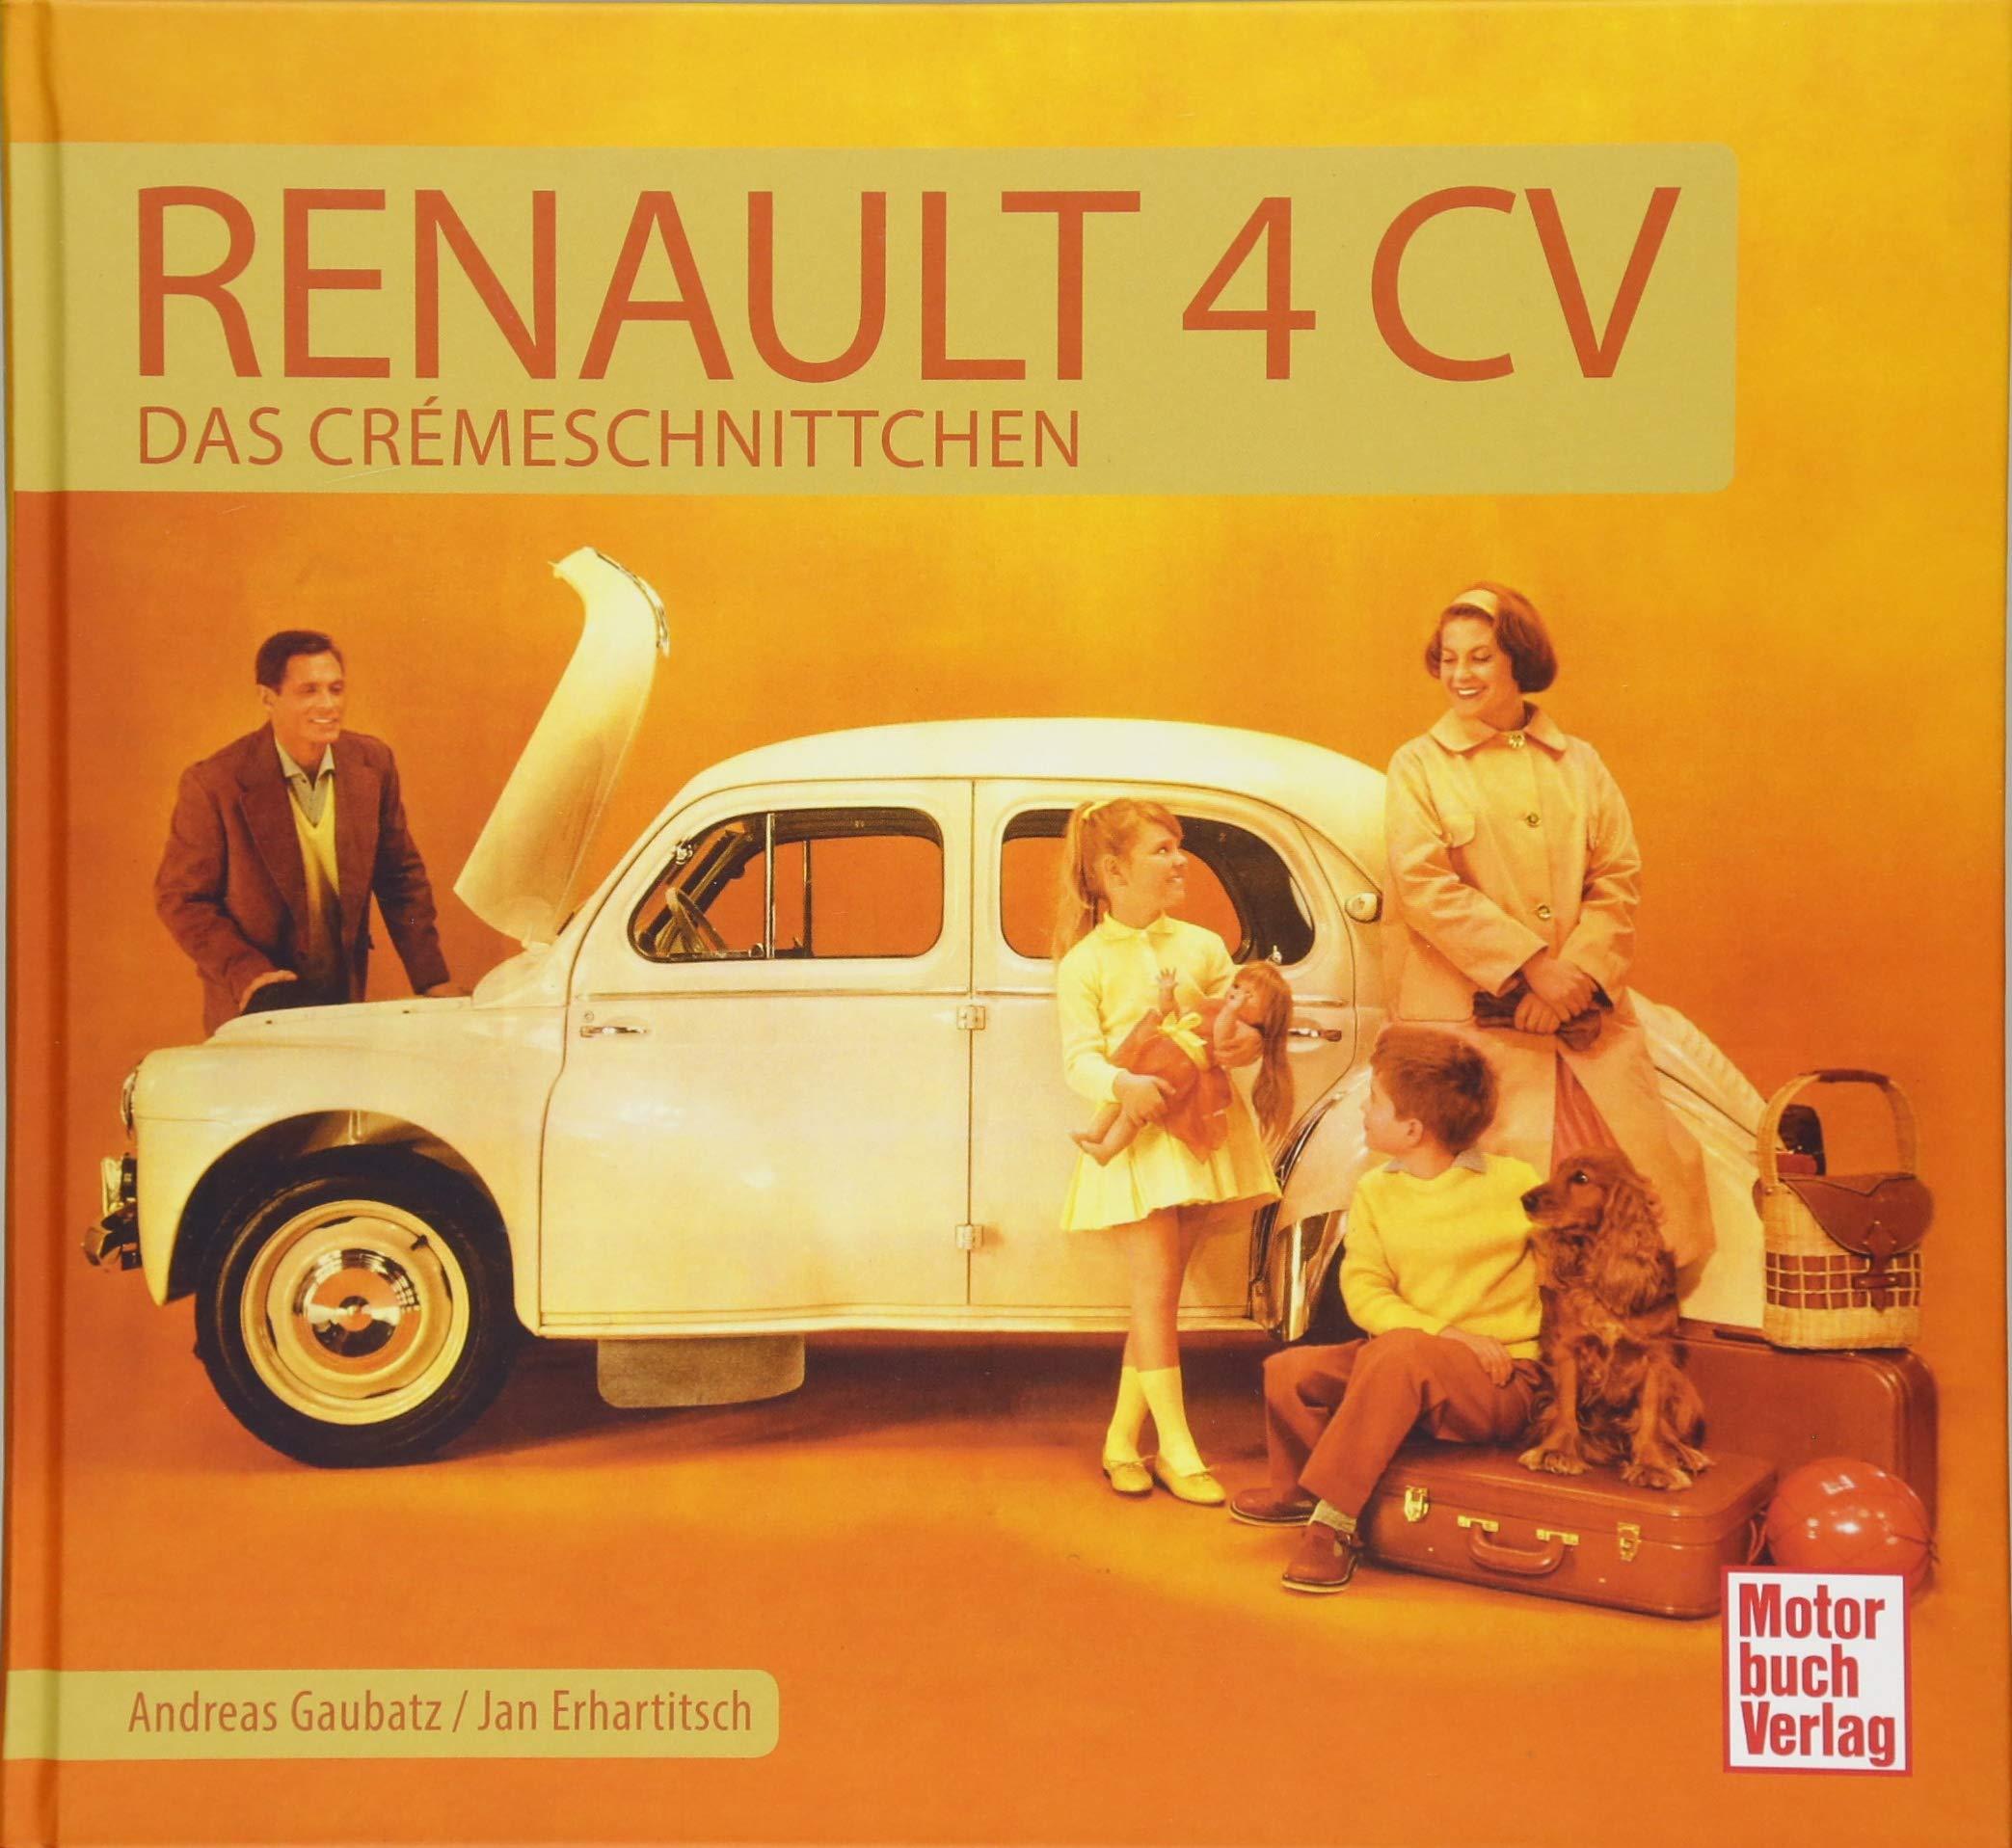 Renault 4 CV: Das Cremeschnittchen